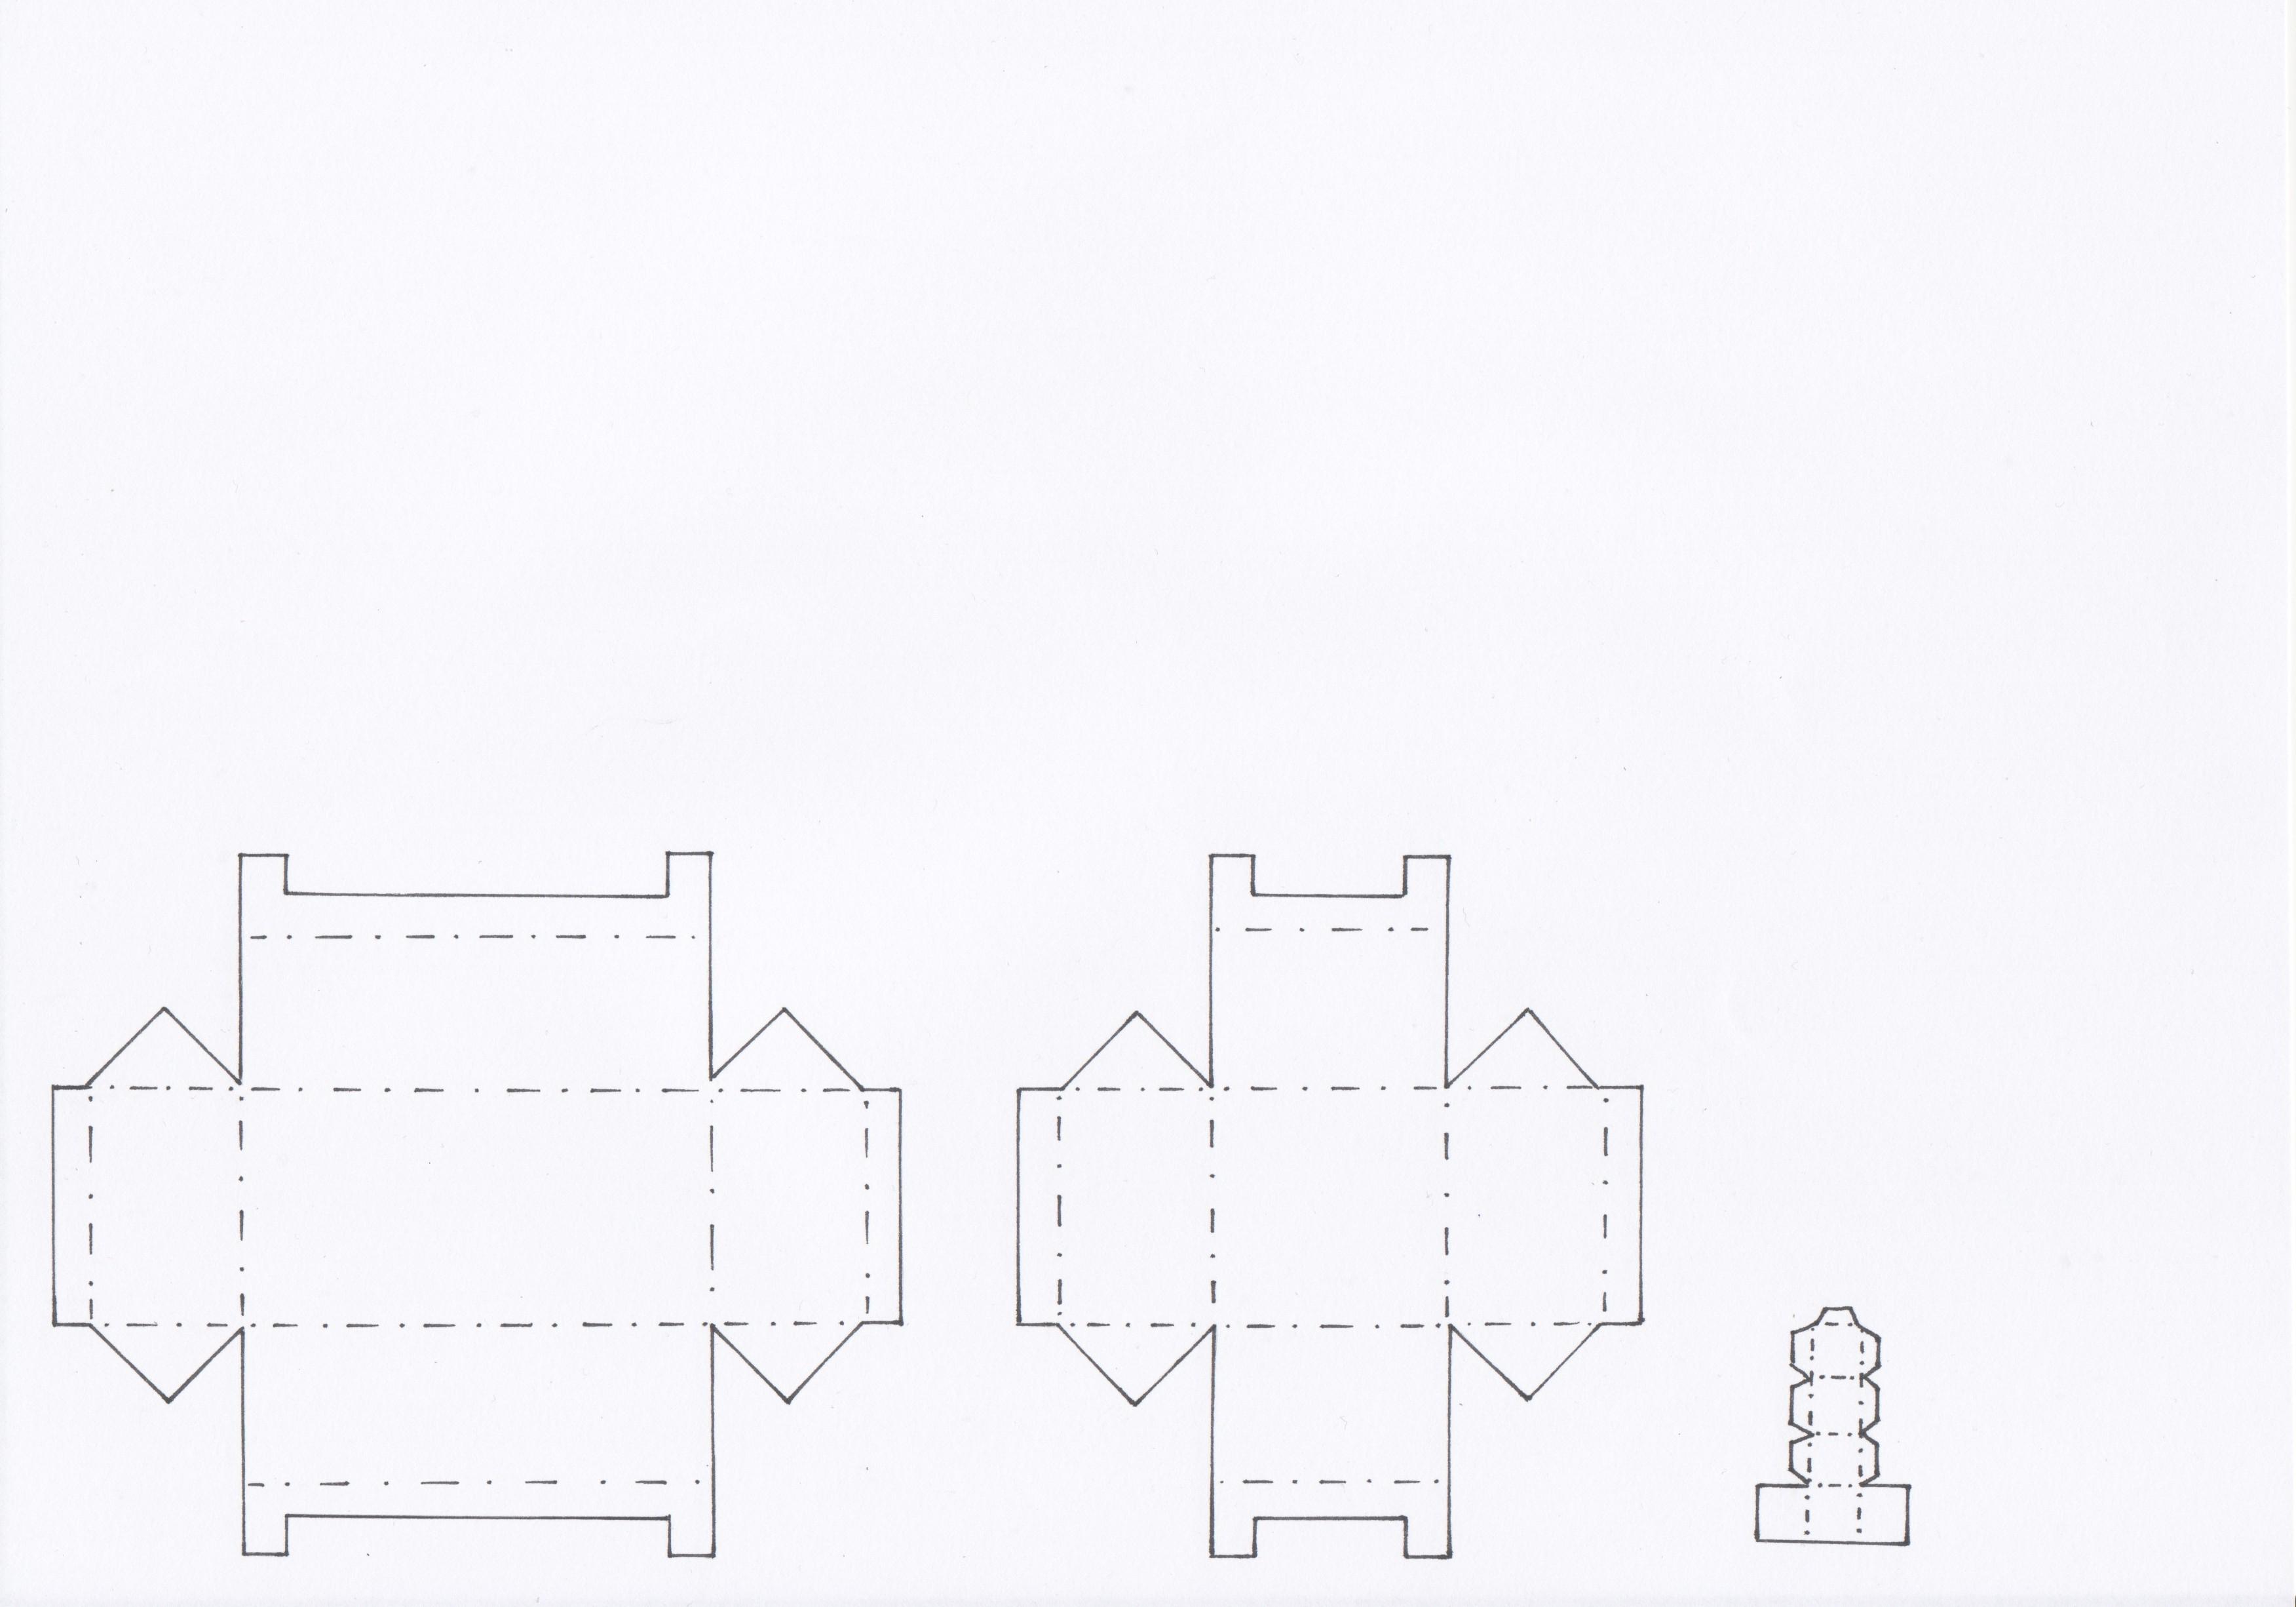 legosteine aus papier basteln eine anleitung. Black Bedroom Furniture Sets. Home Design Ideas